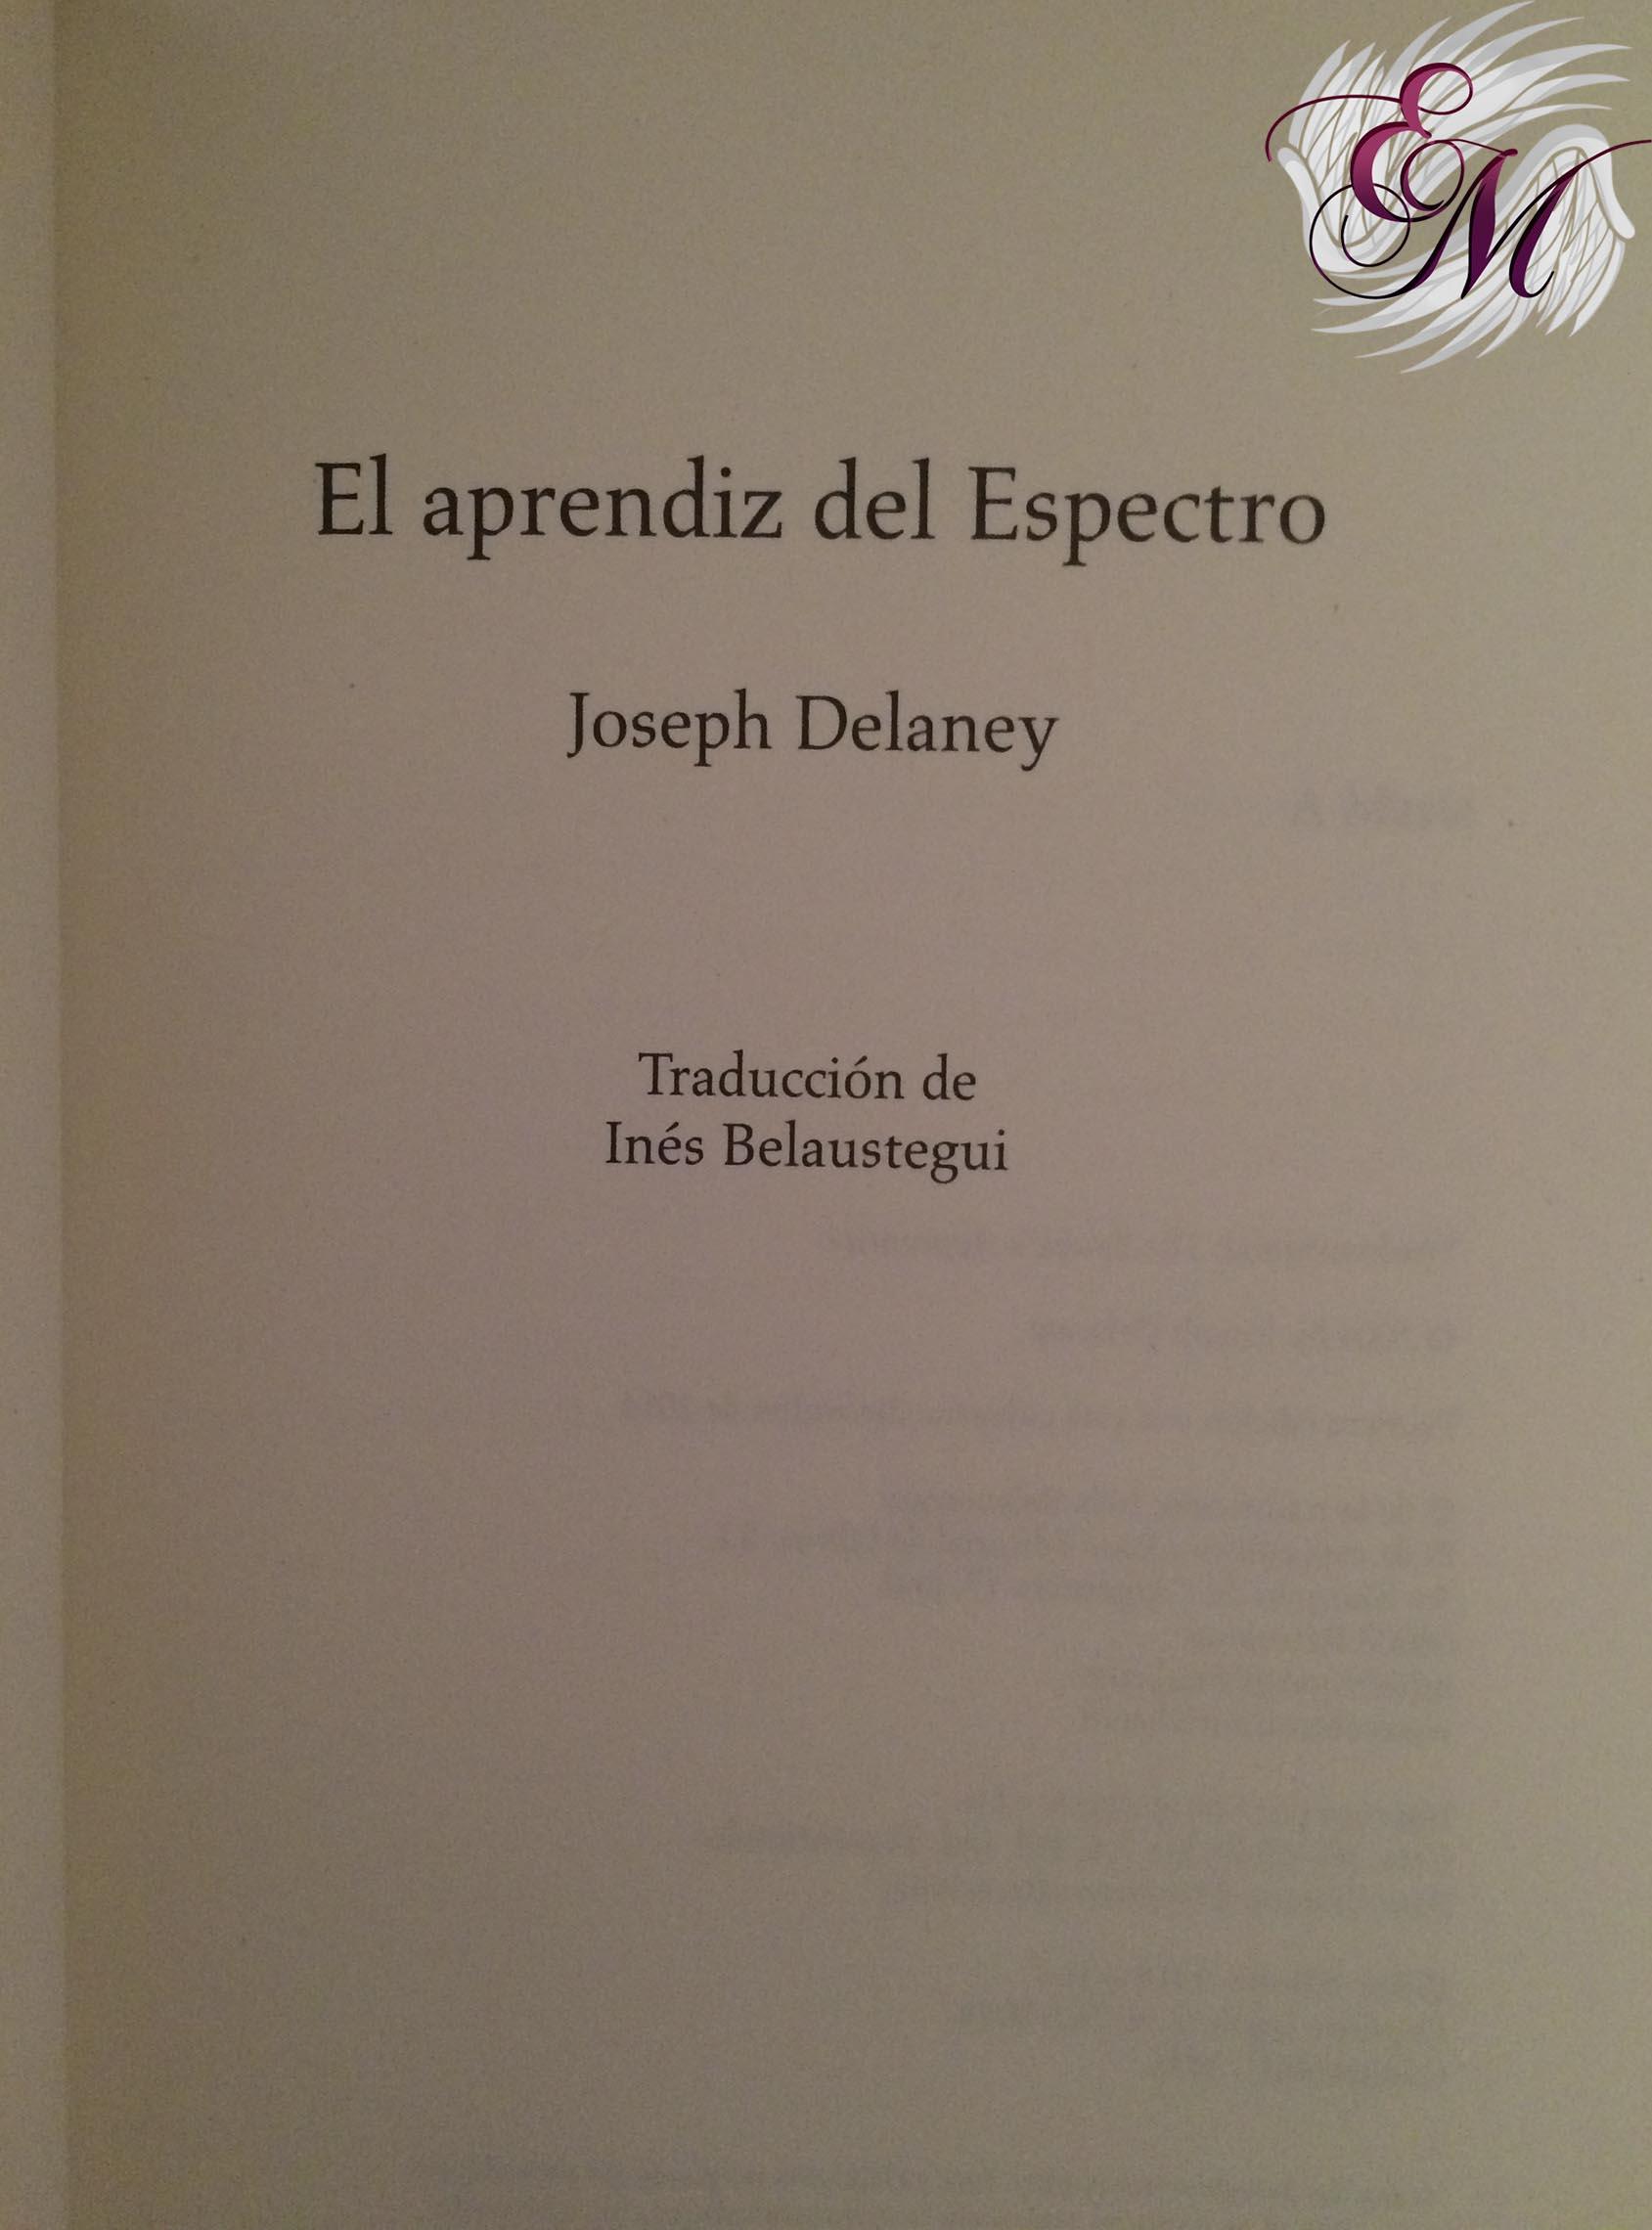 El séptimo hijo: El aprendiz del Espectro, de Joseph Delaney - Reseña